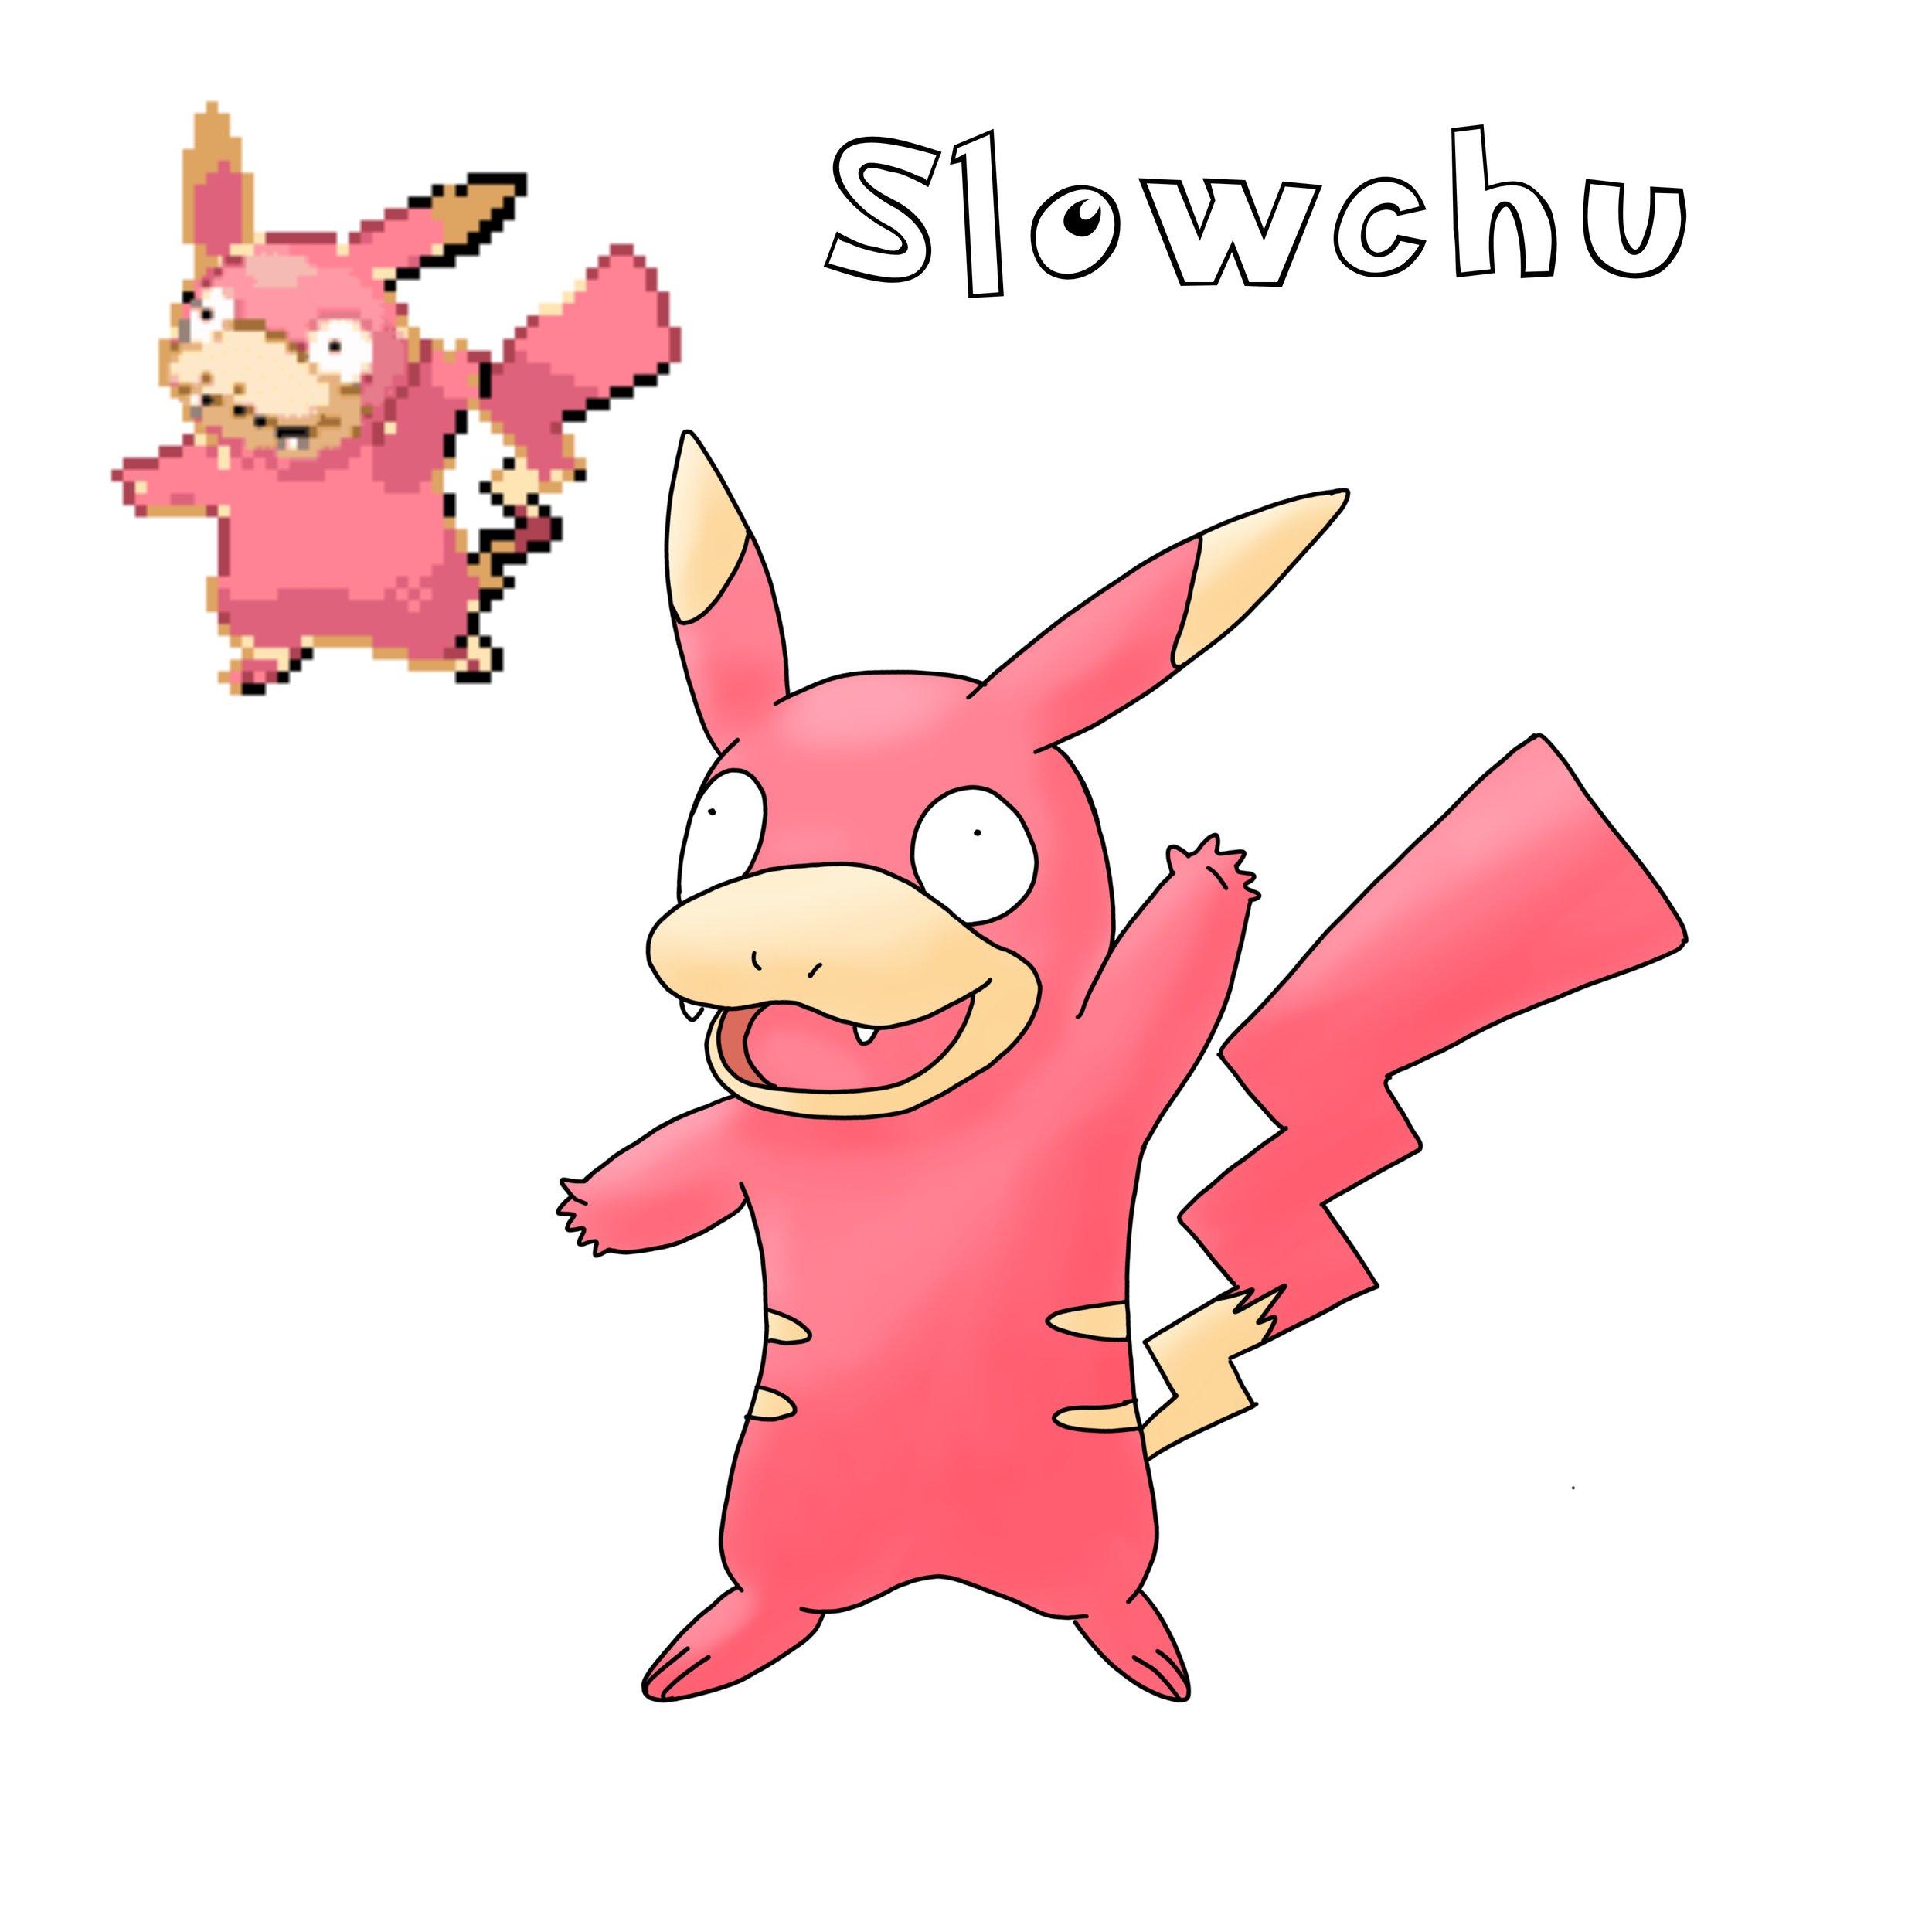 Slowchu